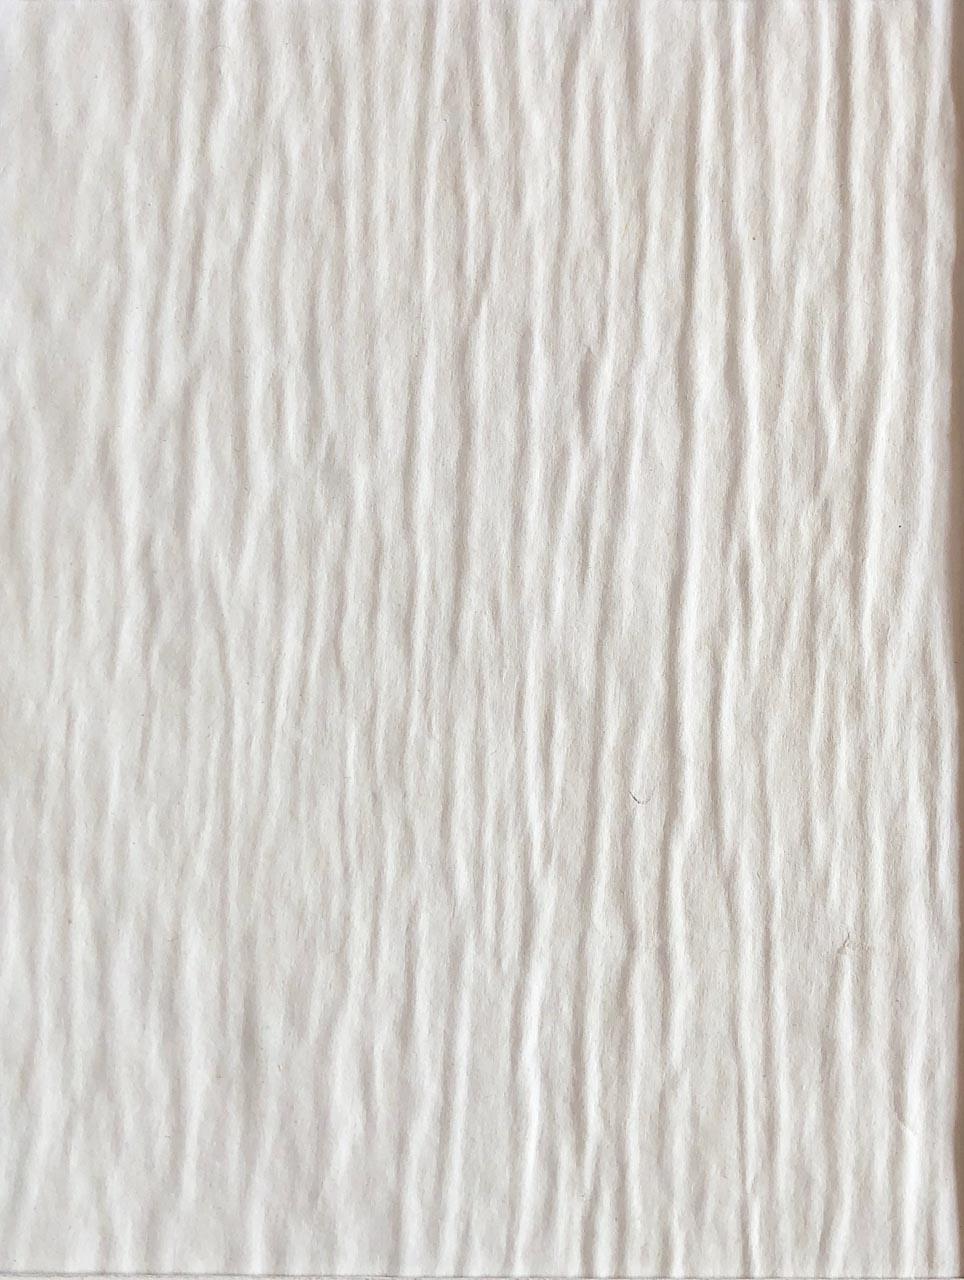 Geschöpftes Papier-Weiss 1-Drucktechnik-20×30-2016